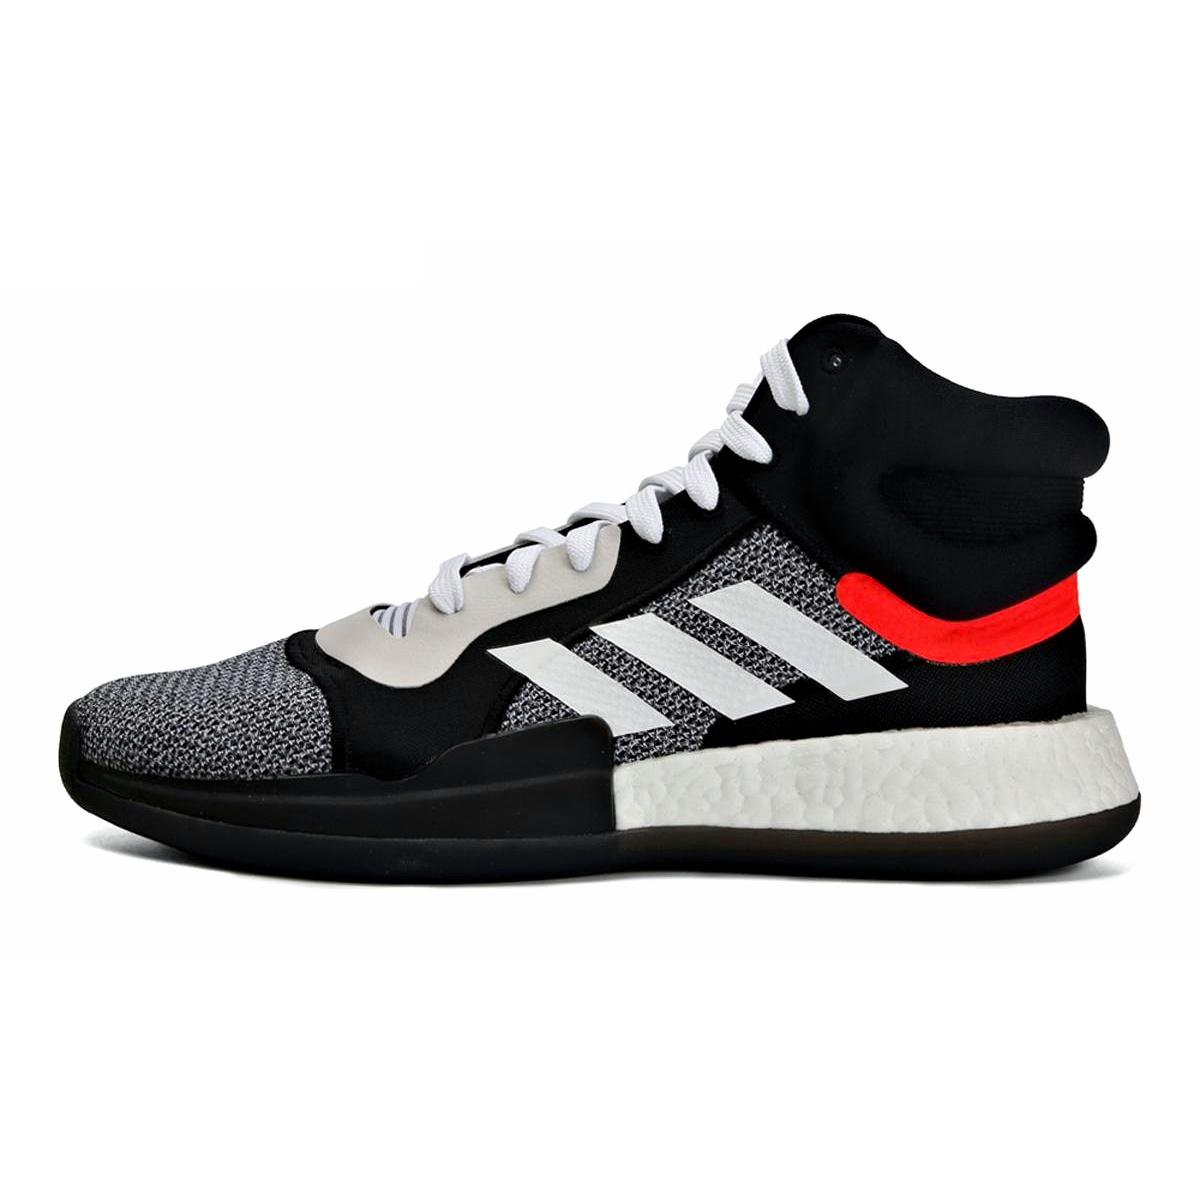 خرید                      کفش بسکتبال مردانه مدل Marquee Boost کد bb7822              👟